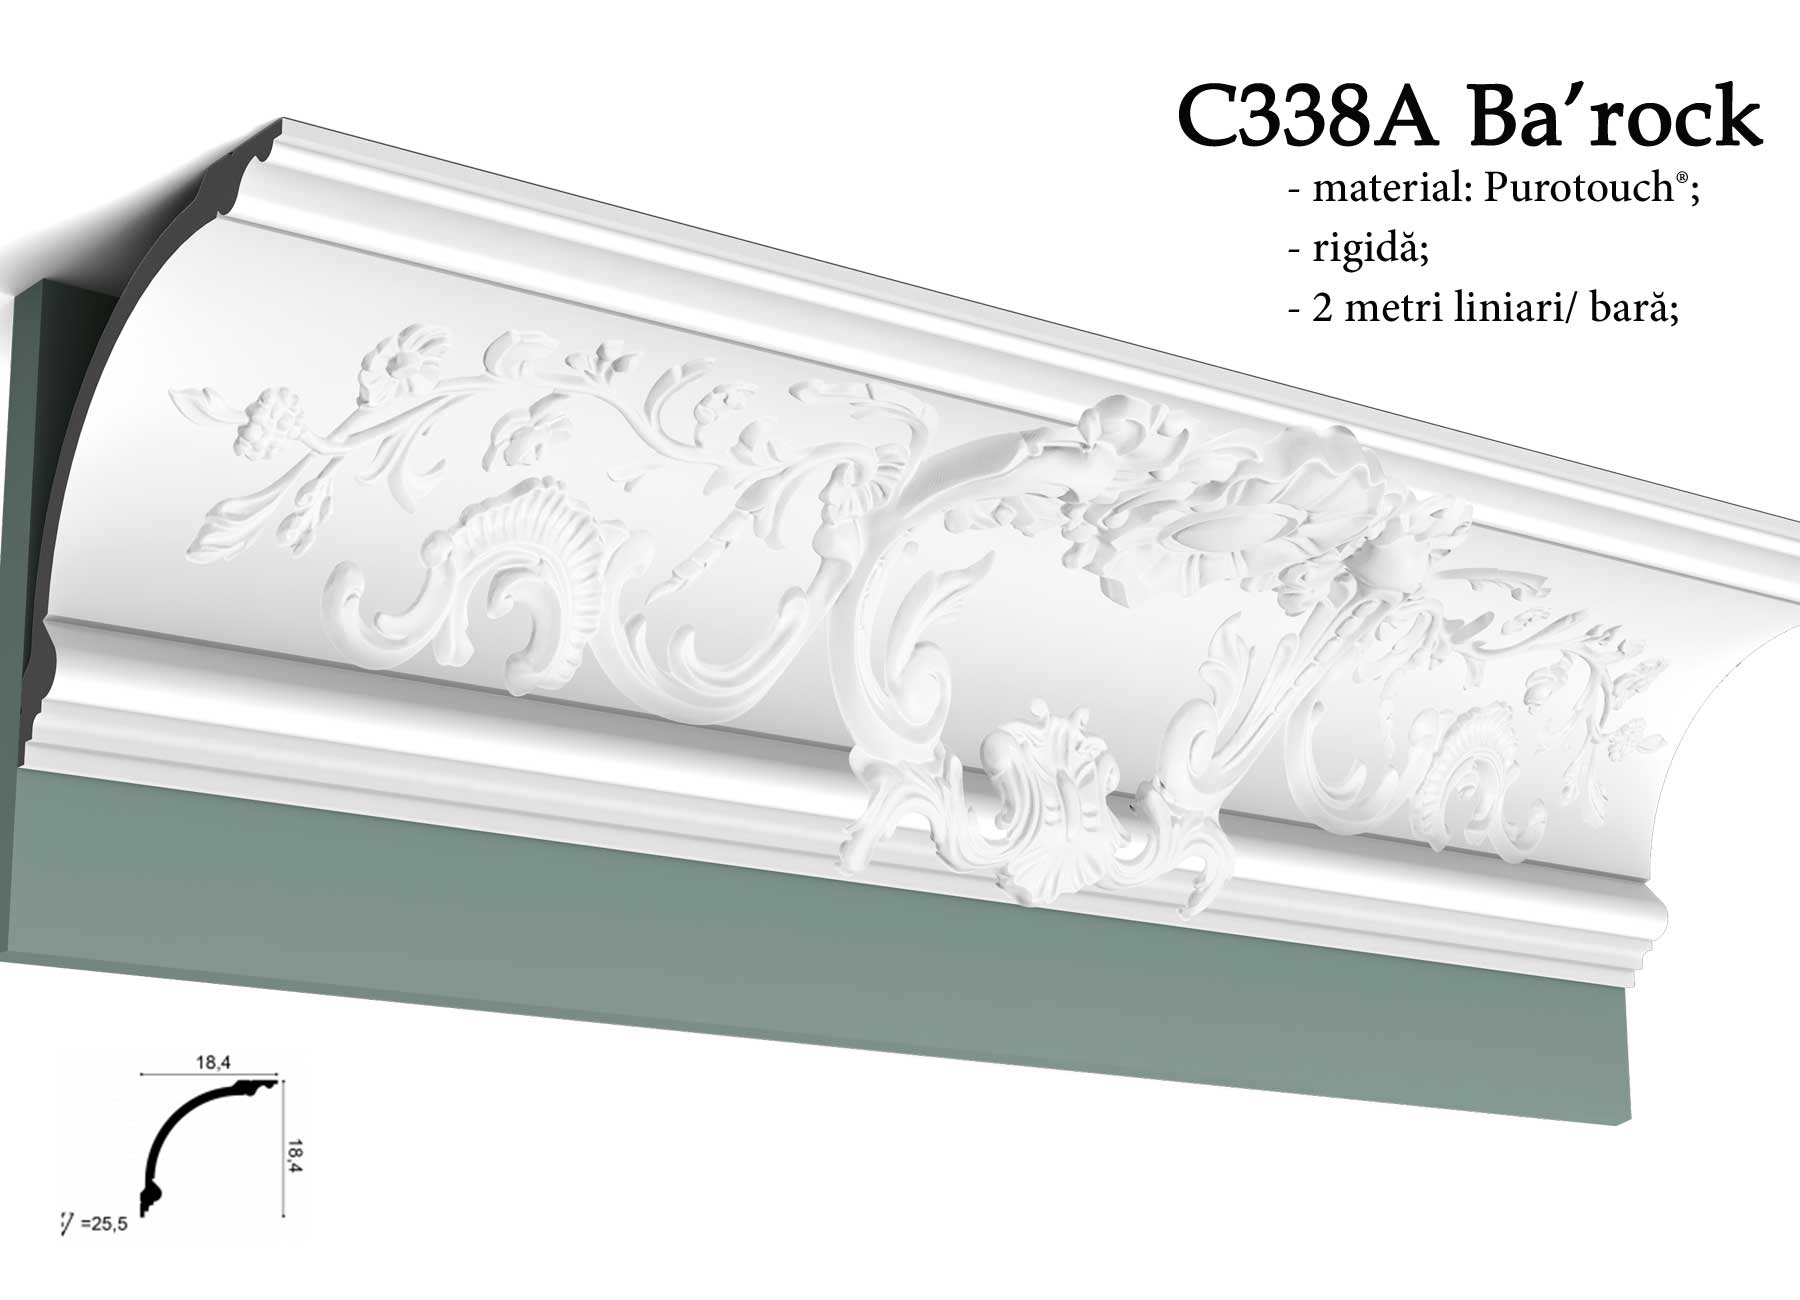 Cornisa baroc pentru tavan Orac Decor C338A